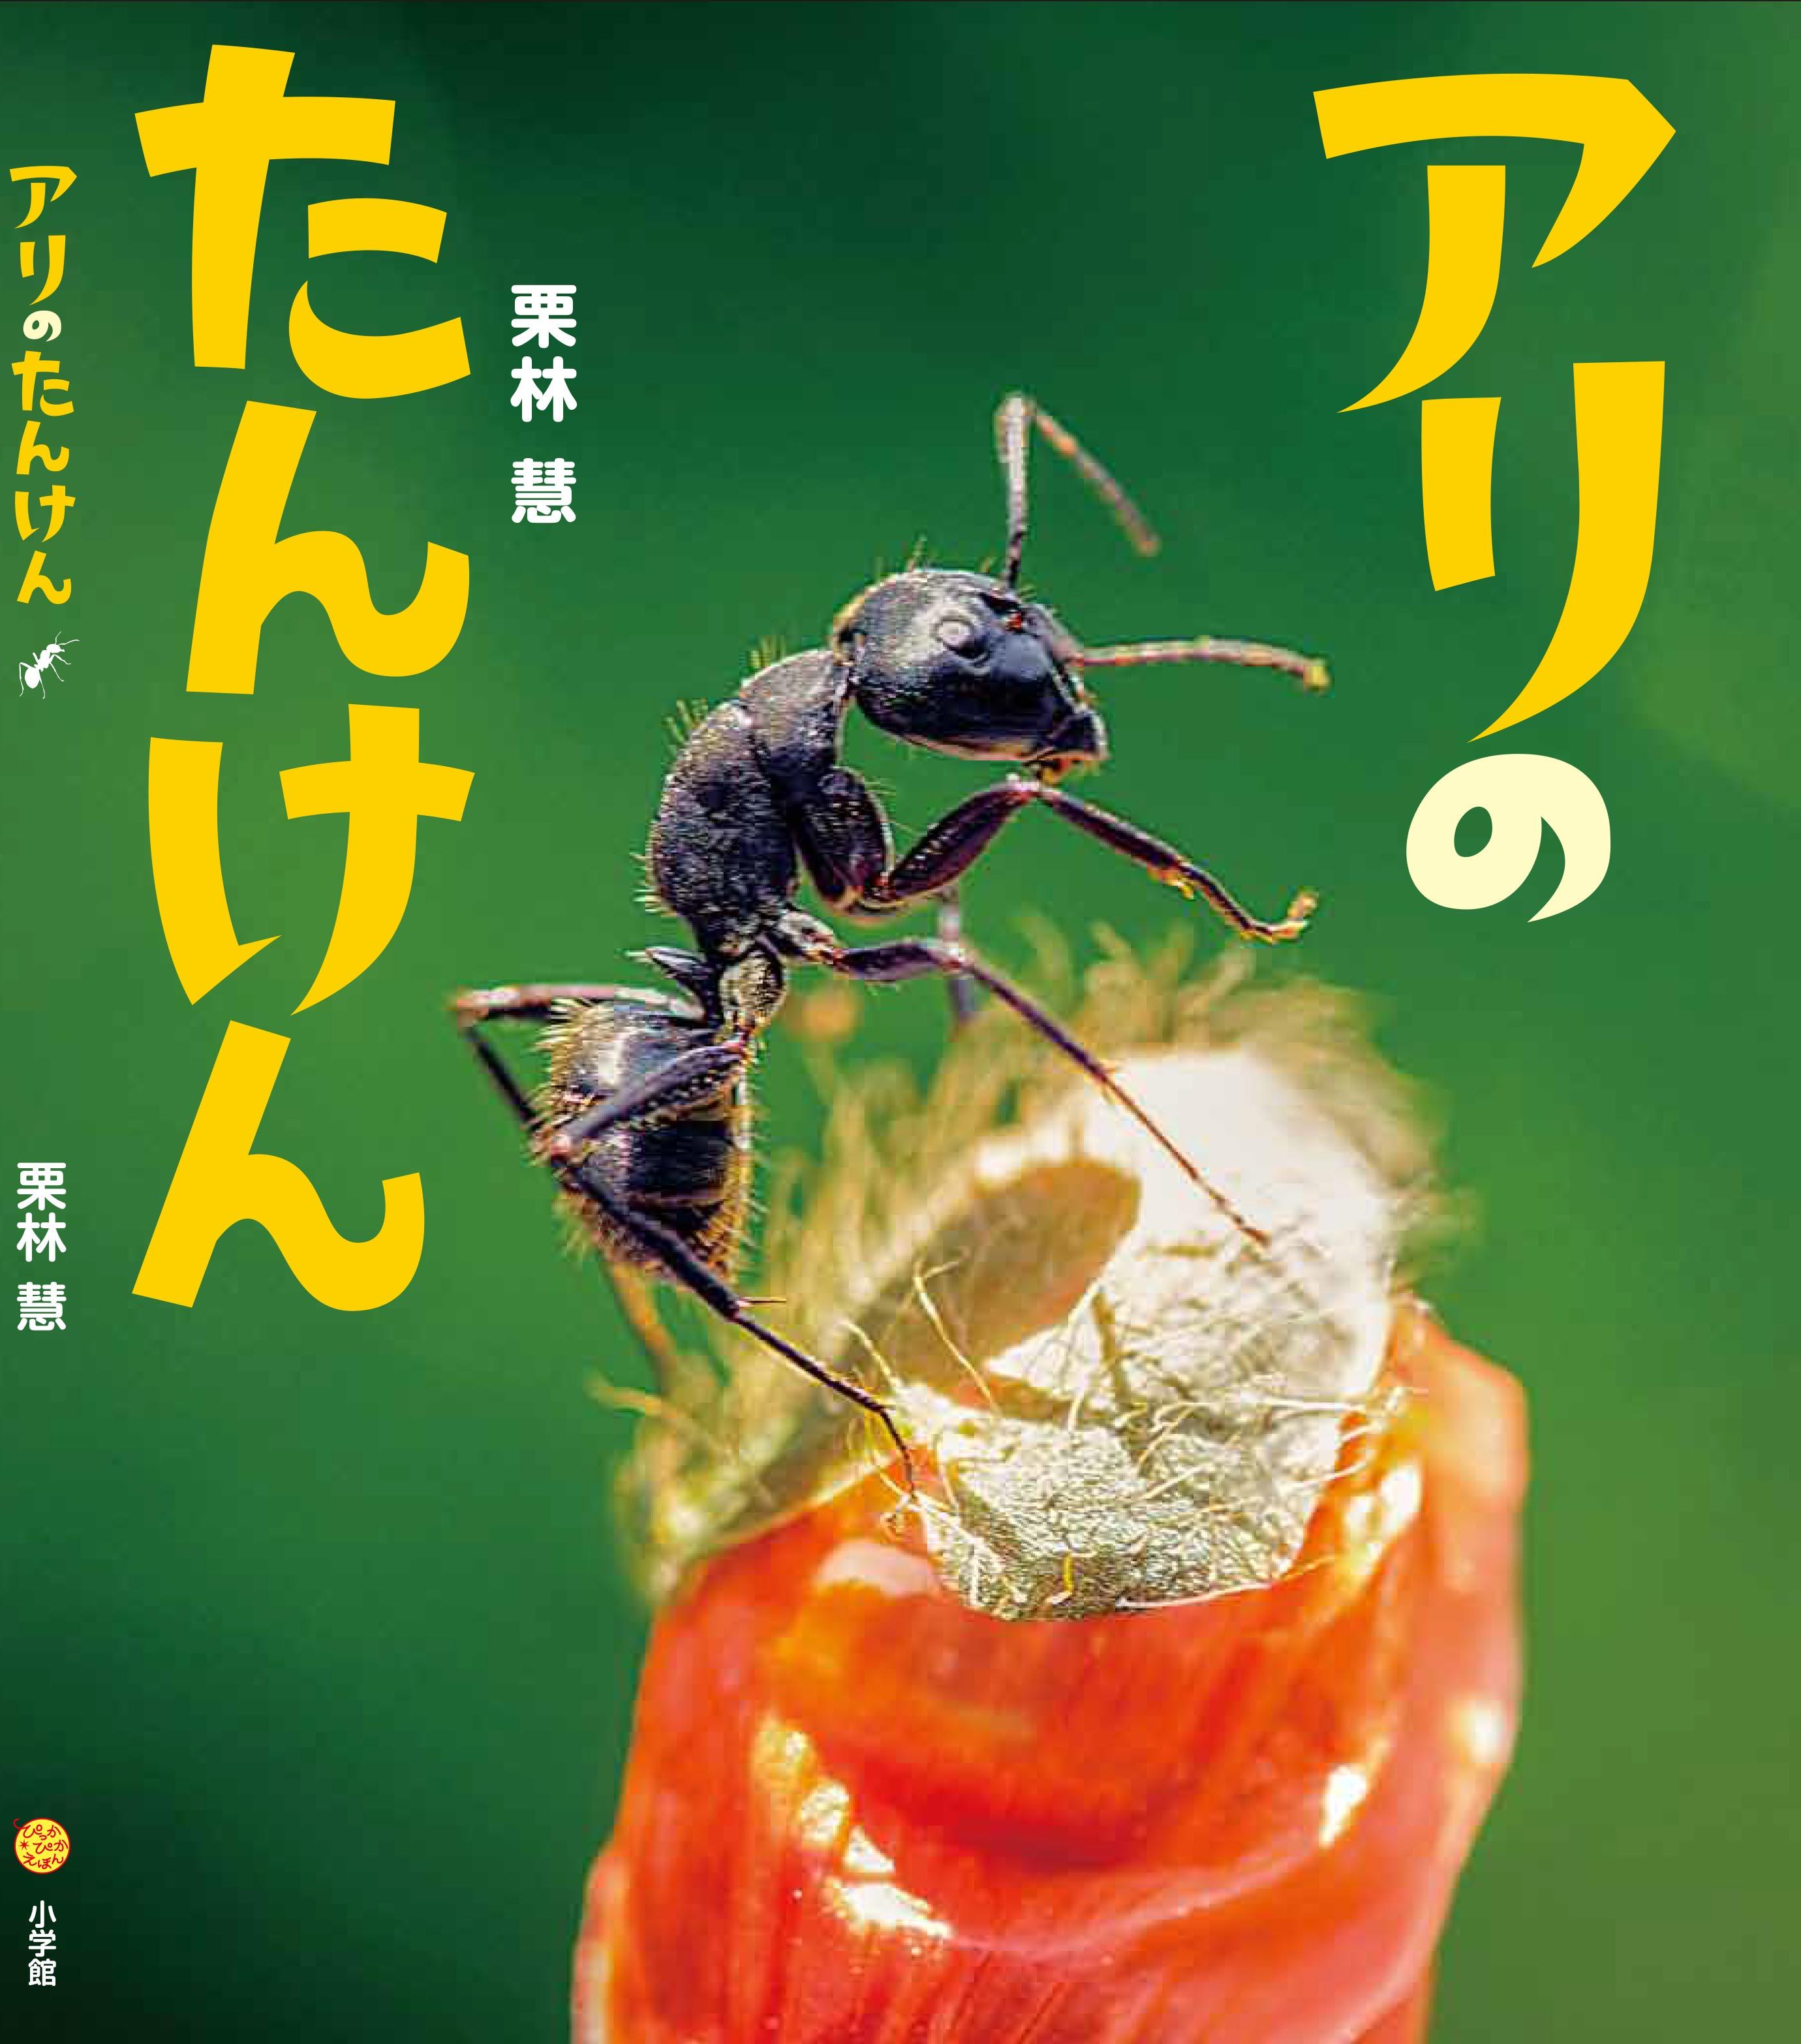 栗林慧の絵本『アリのたんけん』